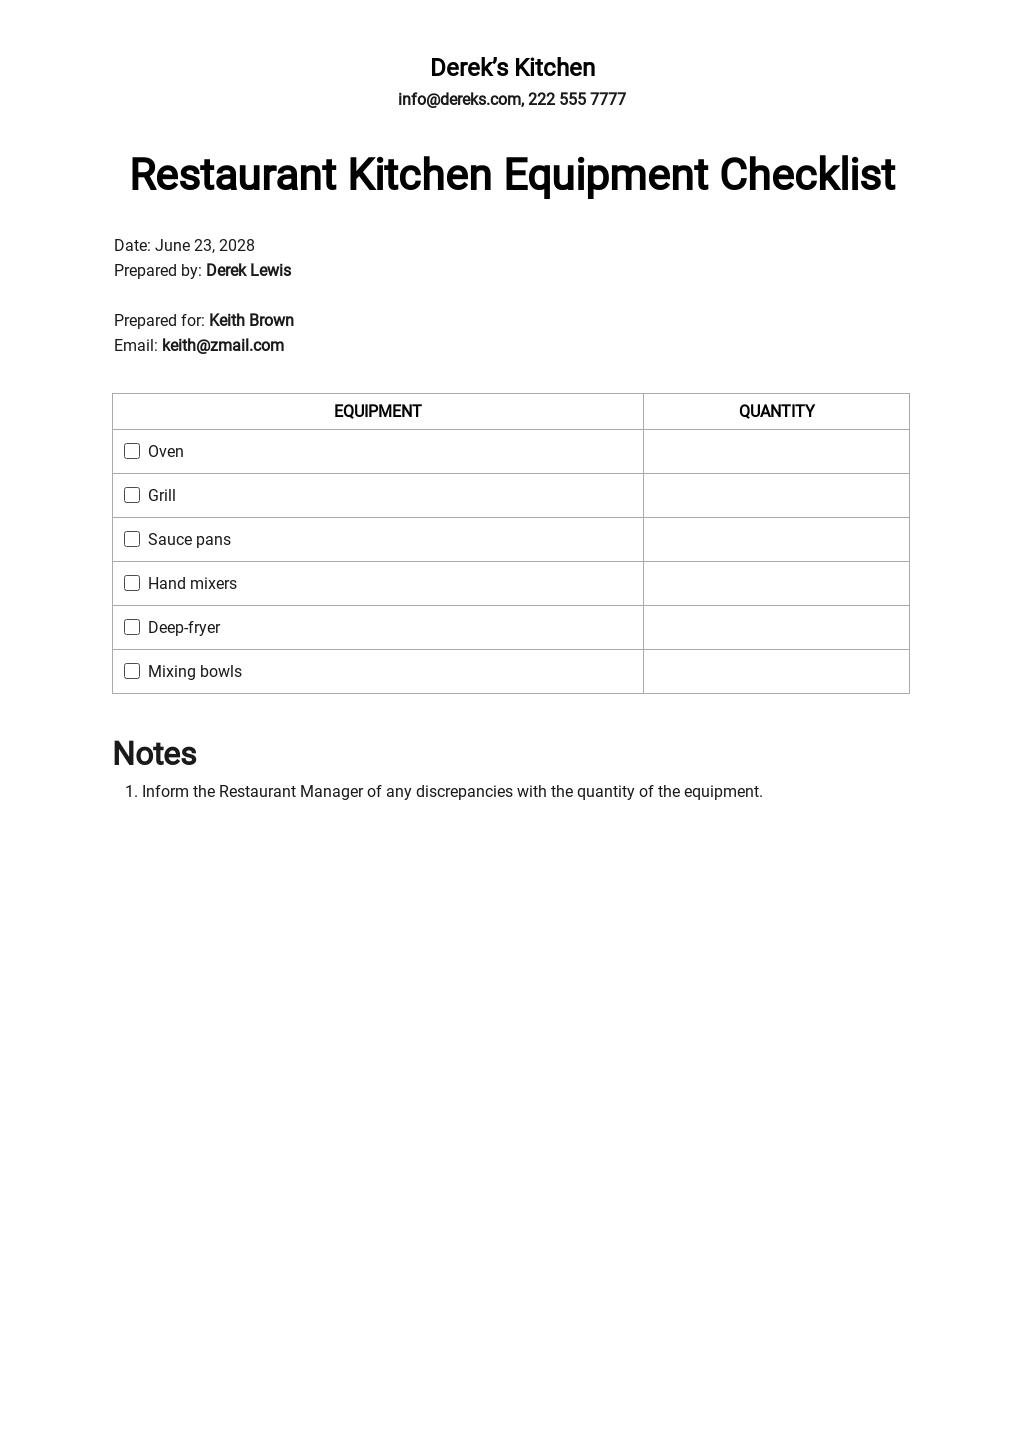 Restaurant Kitchen Equipment Checklist Template